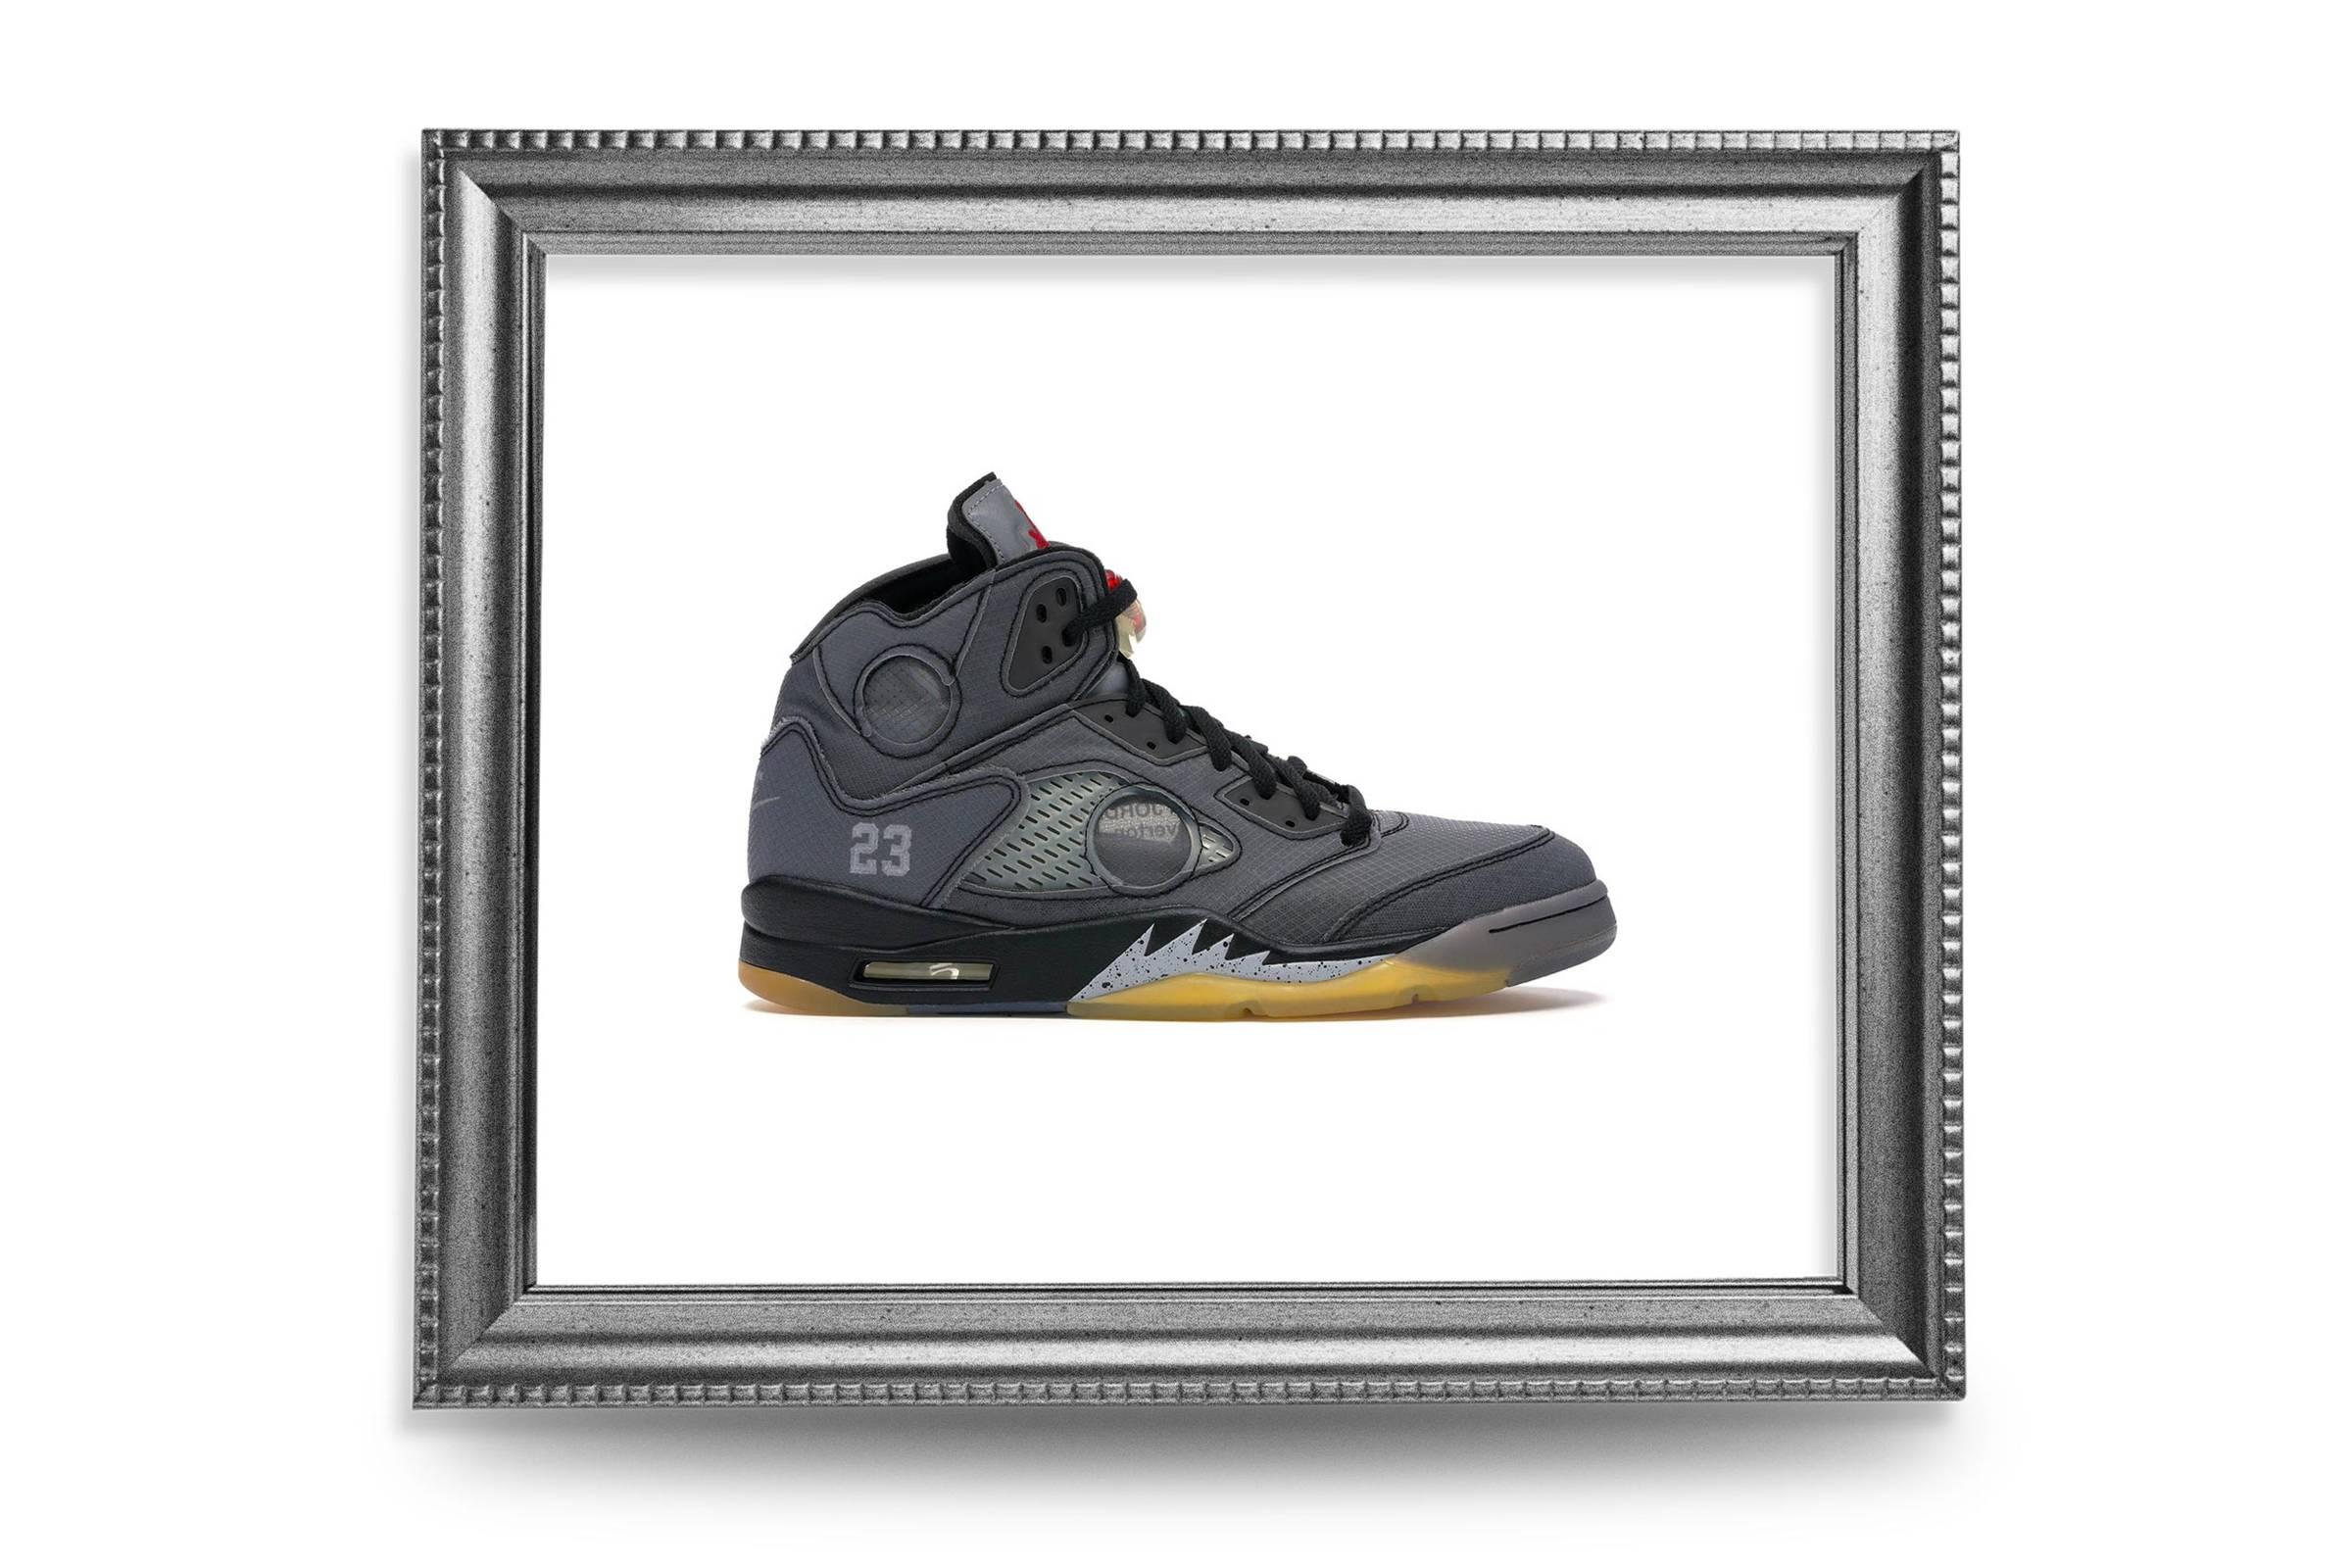 Sneaker Stories: Virgil Abloh Celebrates 30 Years of the Jordan V